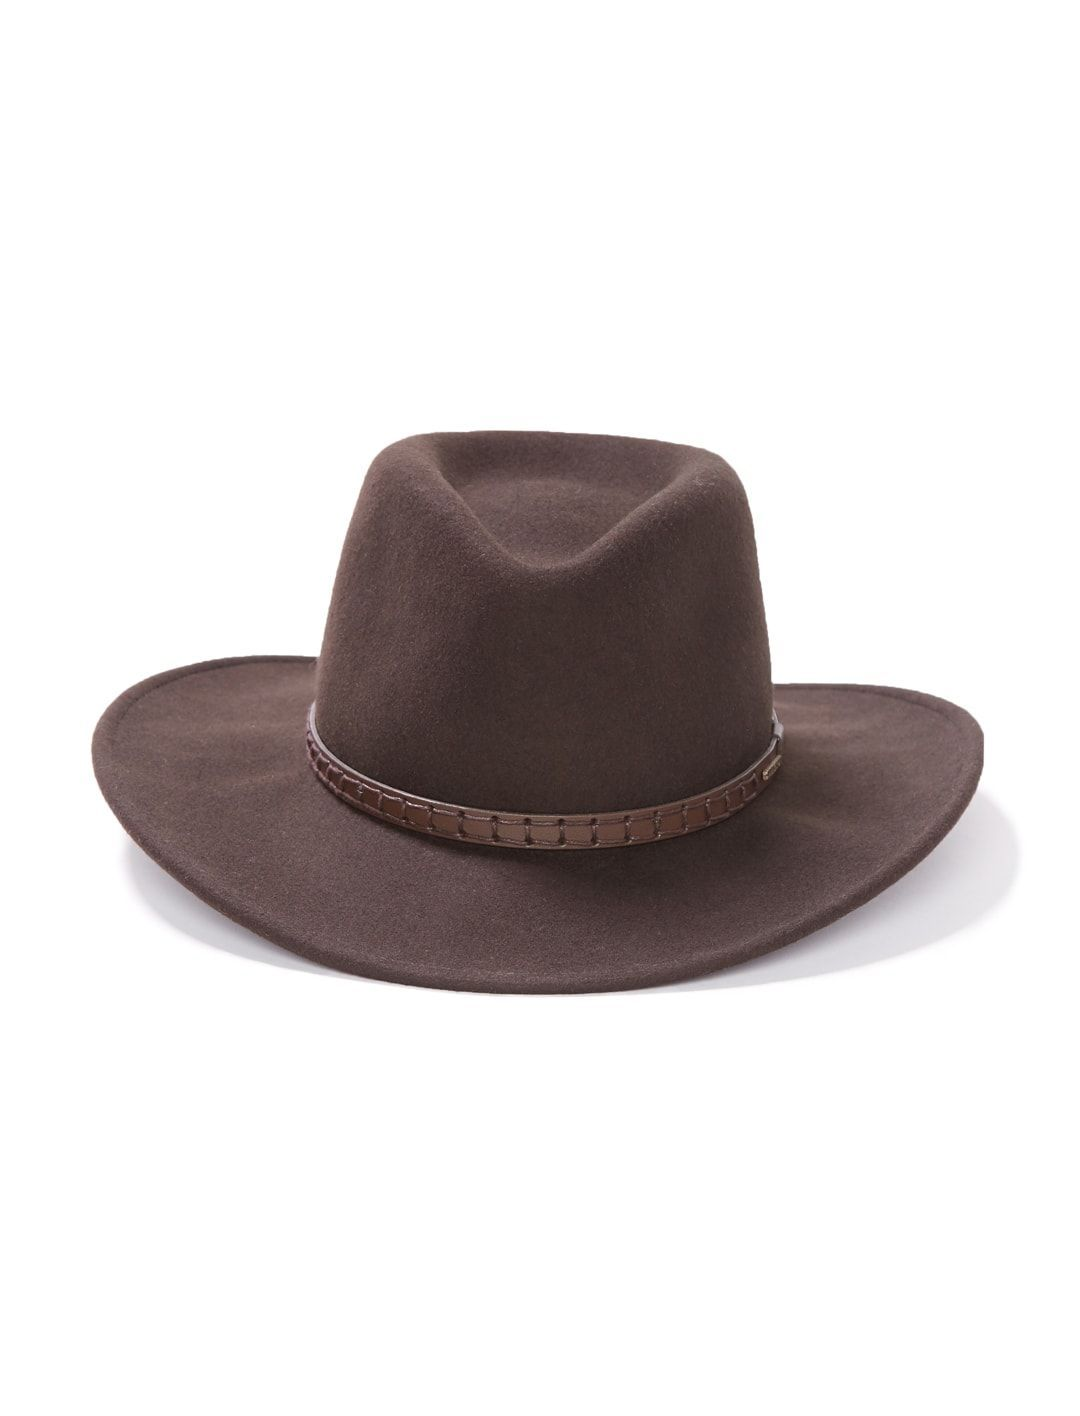 Stetson Men s Sturgis Outdoor Hat TWSTGS8130. Details da452c4a4eb